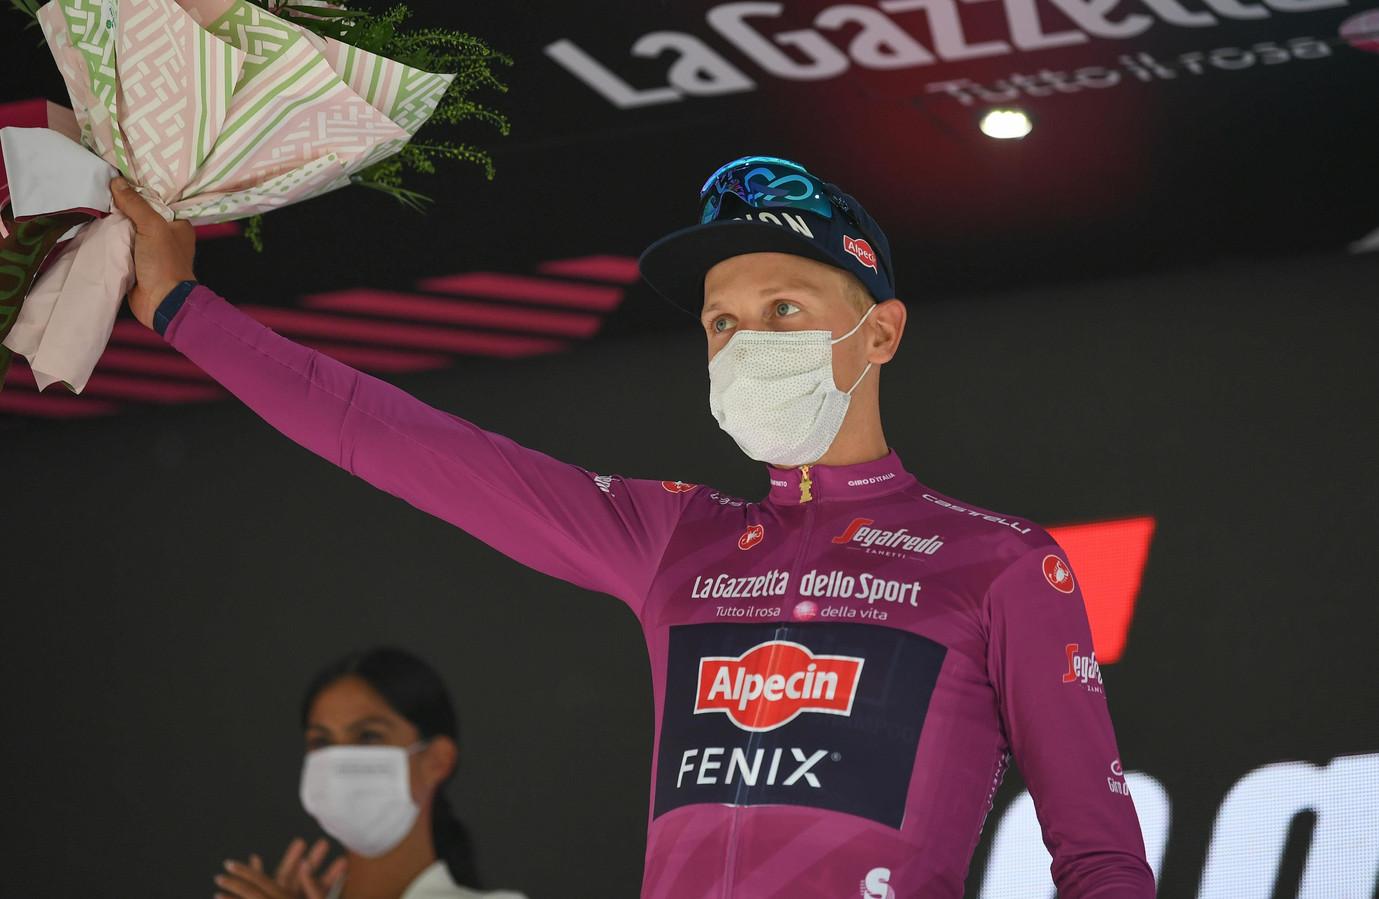 Vainqueur de la première étape en ligue du Giro, Tim Merlier en profite pour endosser le maillot cyclamen de leader du classement par points.